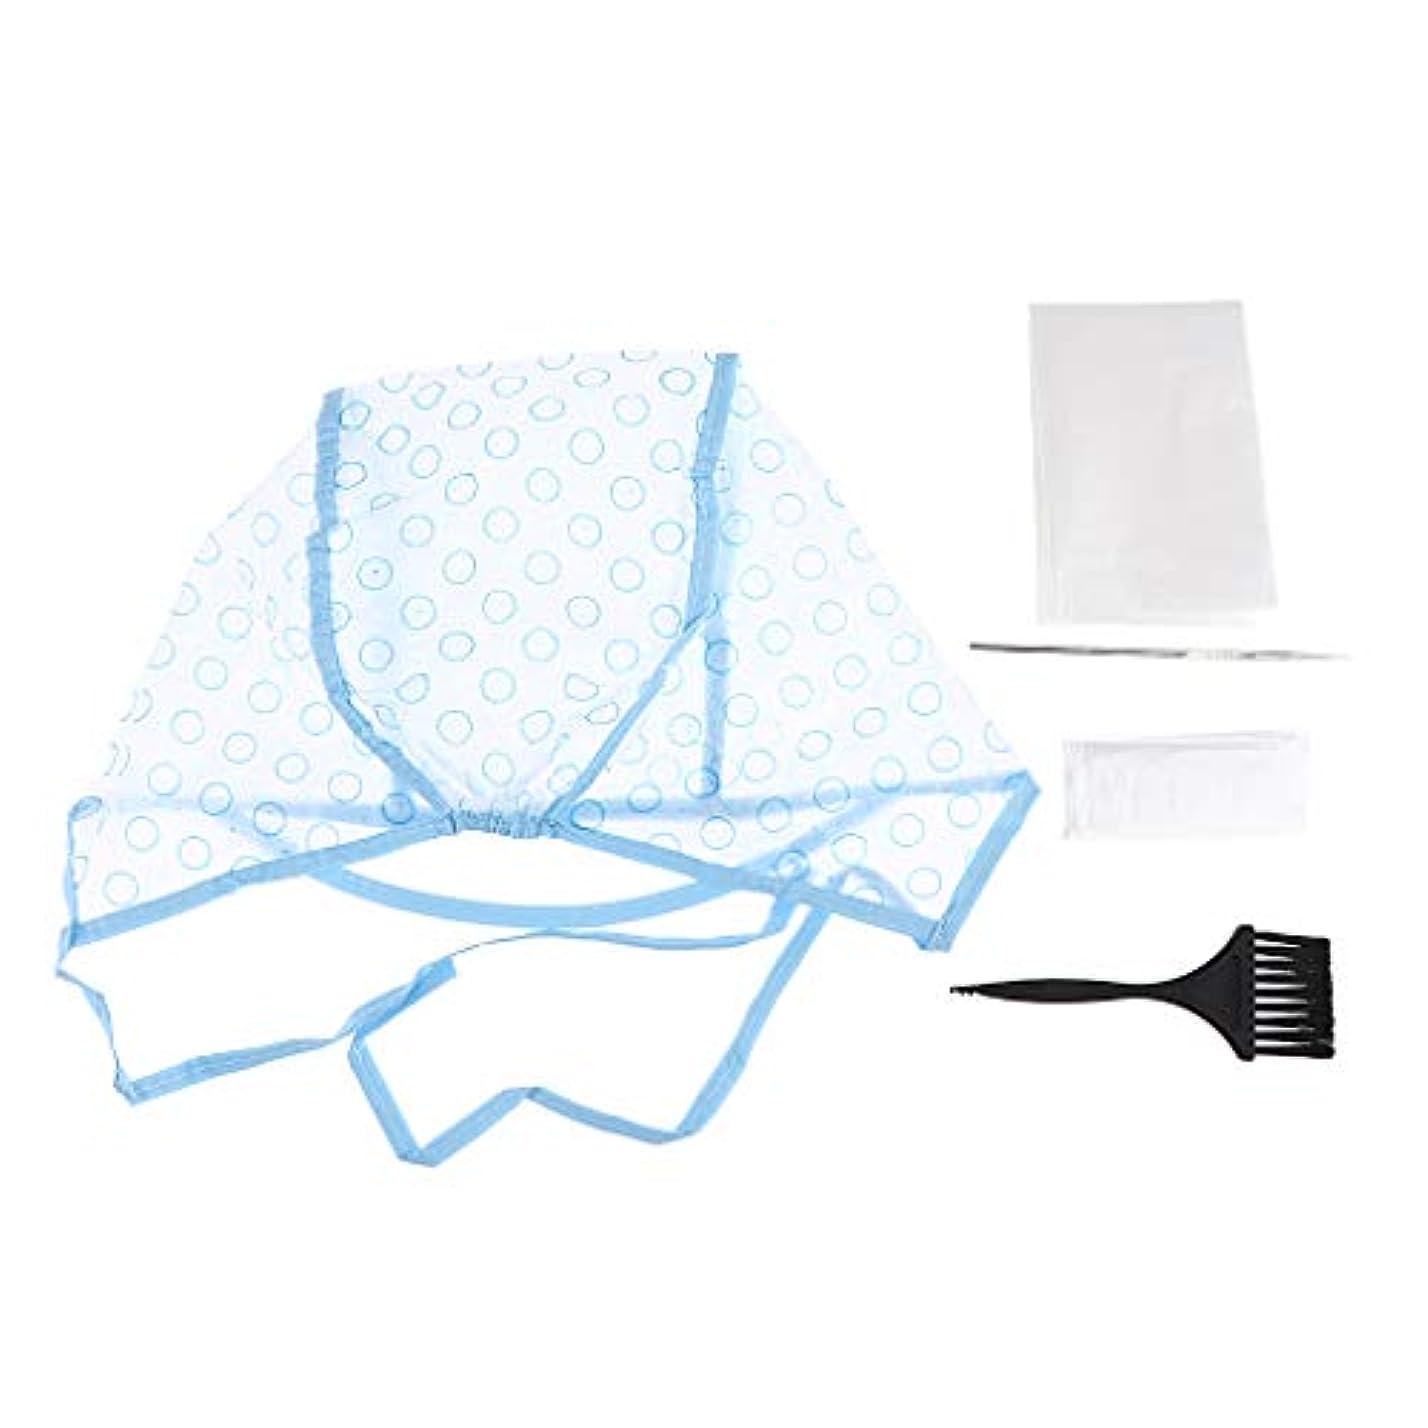 電球クレーターフォアマン使い捨ての髪の着色キット、髪の色合いツールブラシフック強調キャップ手袋とケープセット